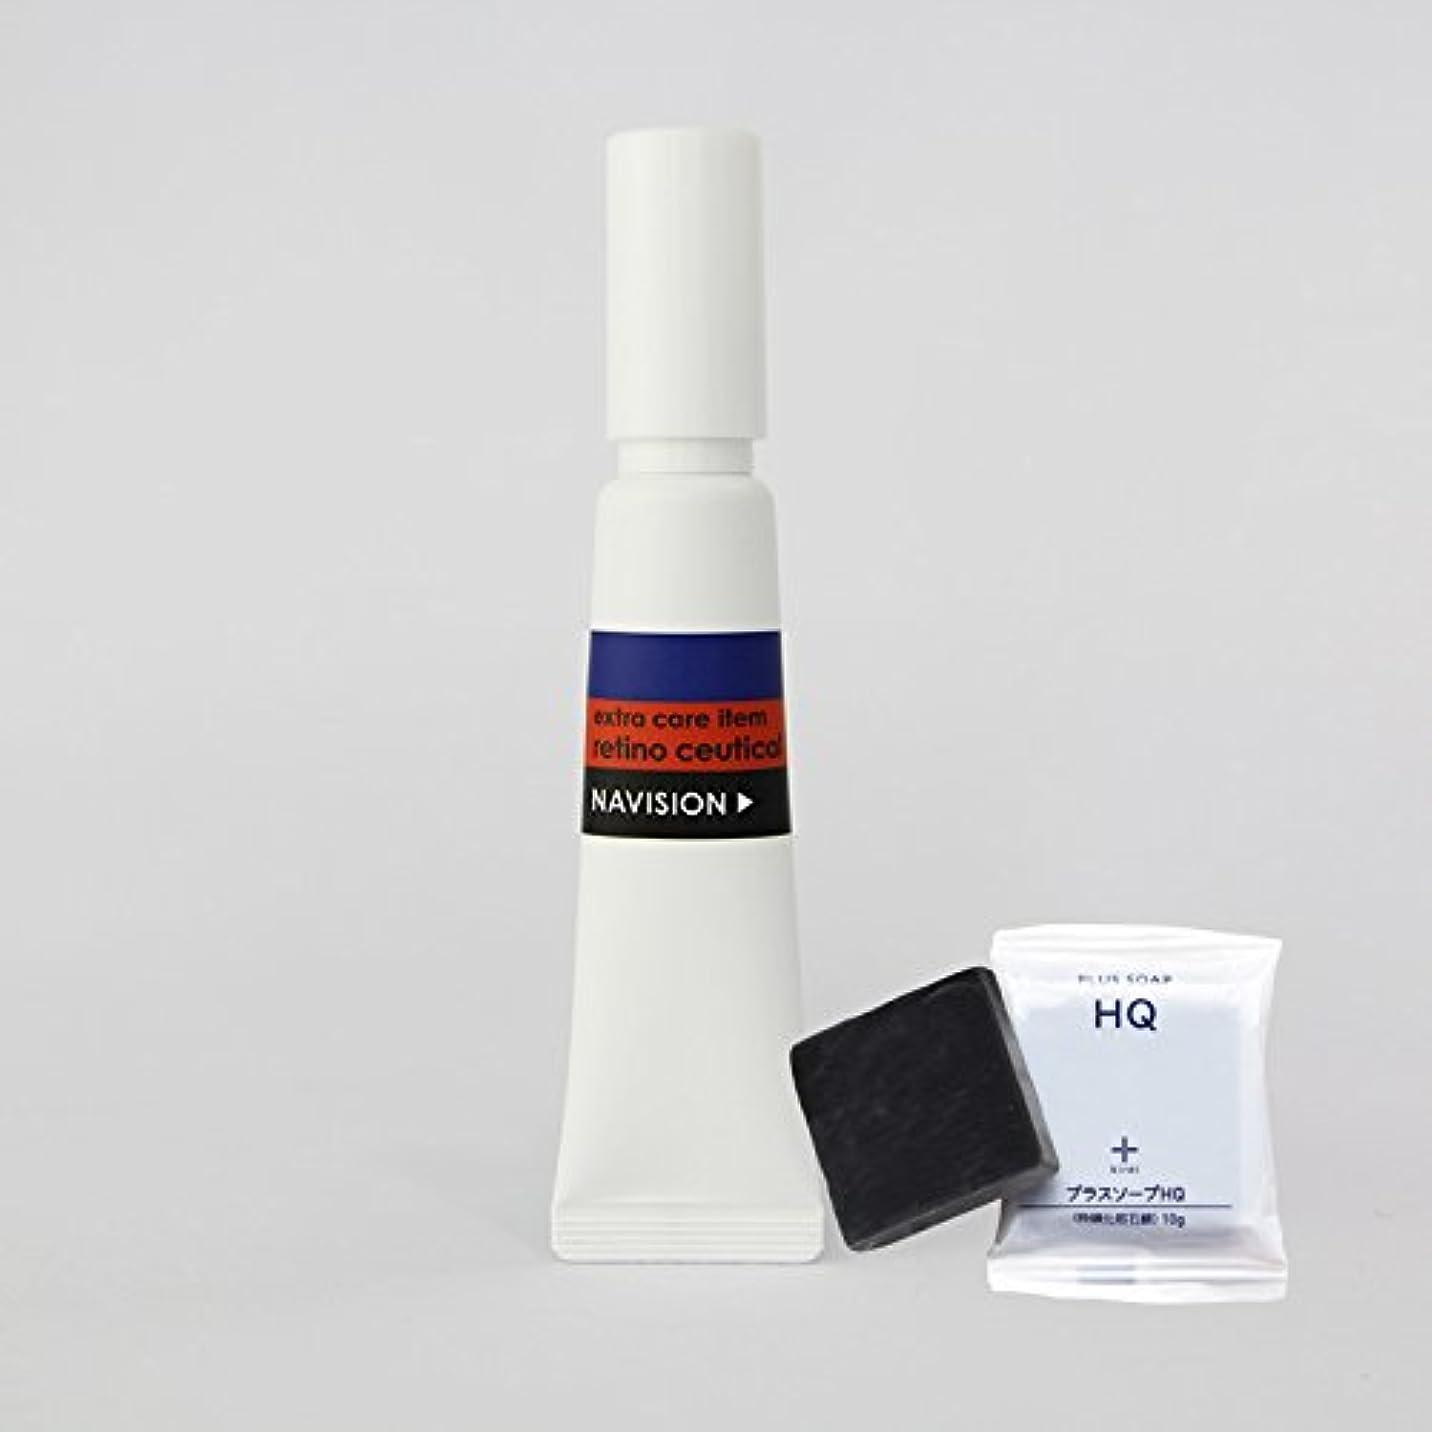 コレクションピラミッドガジュマルナビジョン NAVISION レチノシューティカル 15g (医薬部外品) + プラスキレイ プラスソープHQミニ